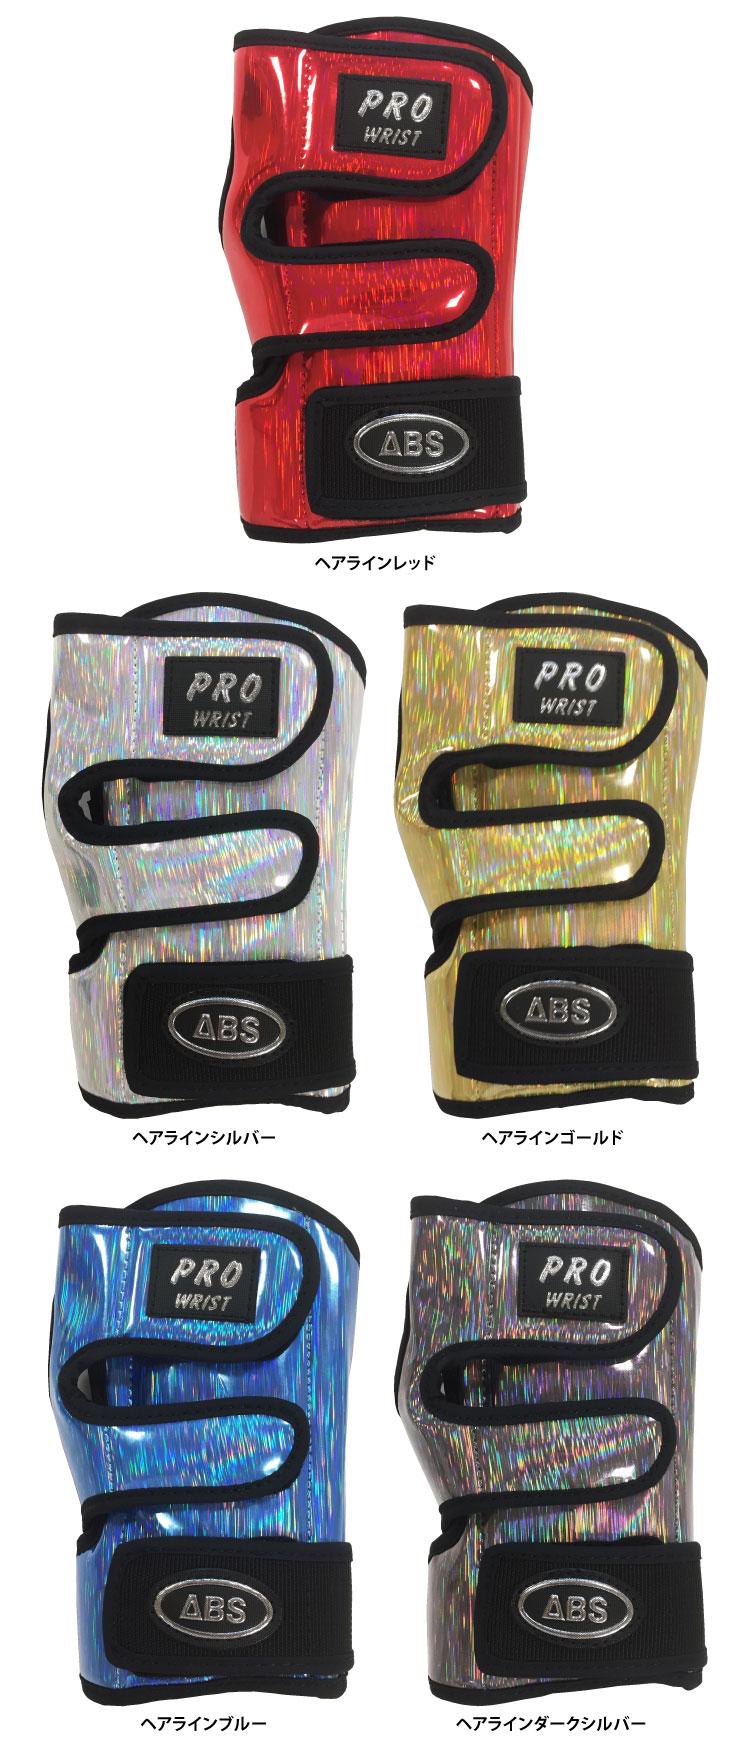 ボウリング用品 ボウリンググローブ ABS プロリスト フタバ限定カラー第10弾